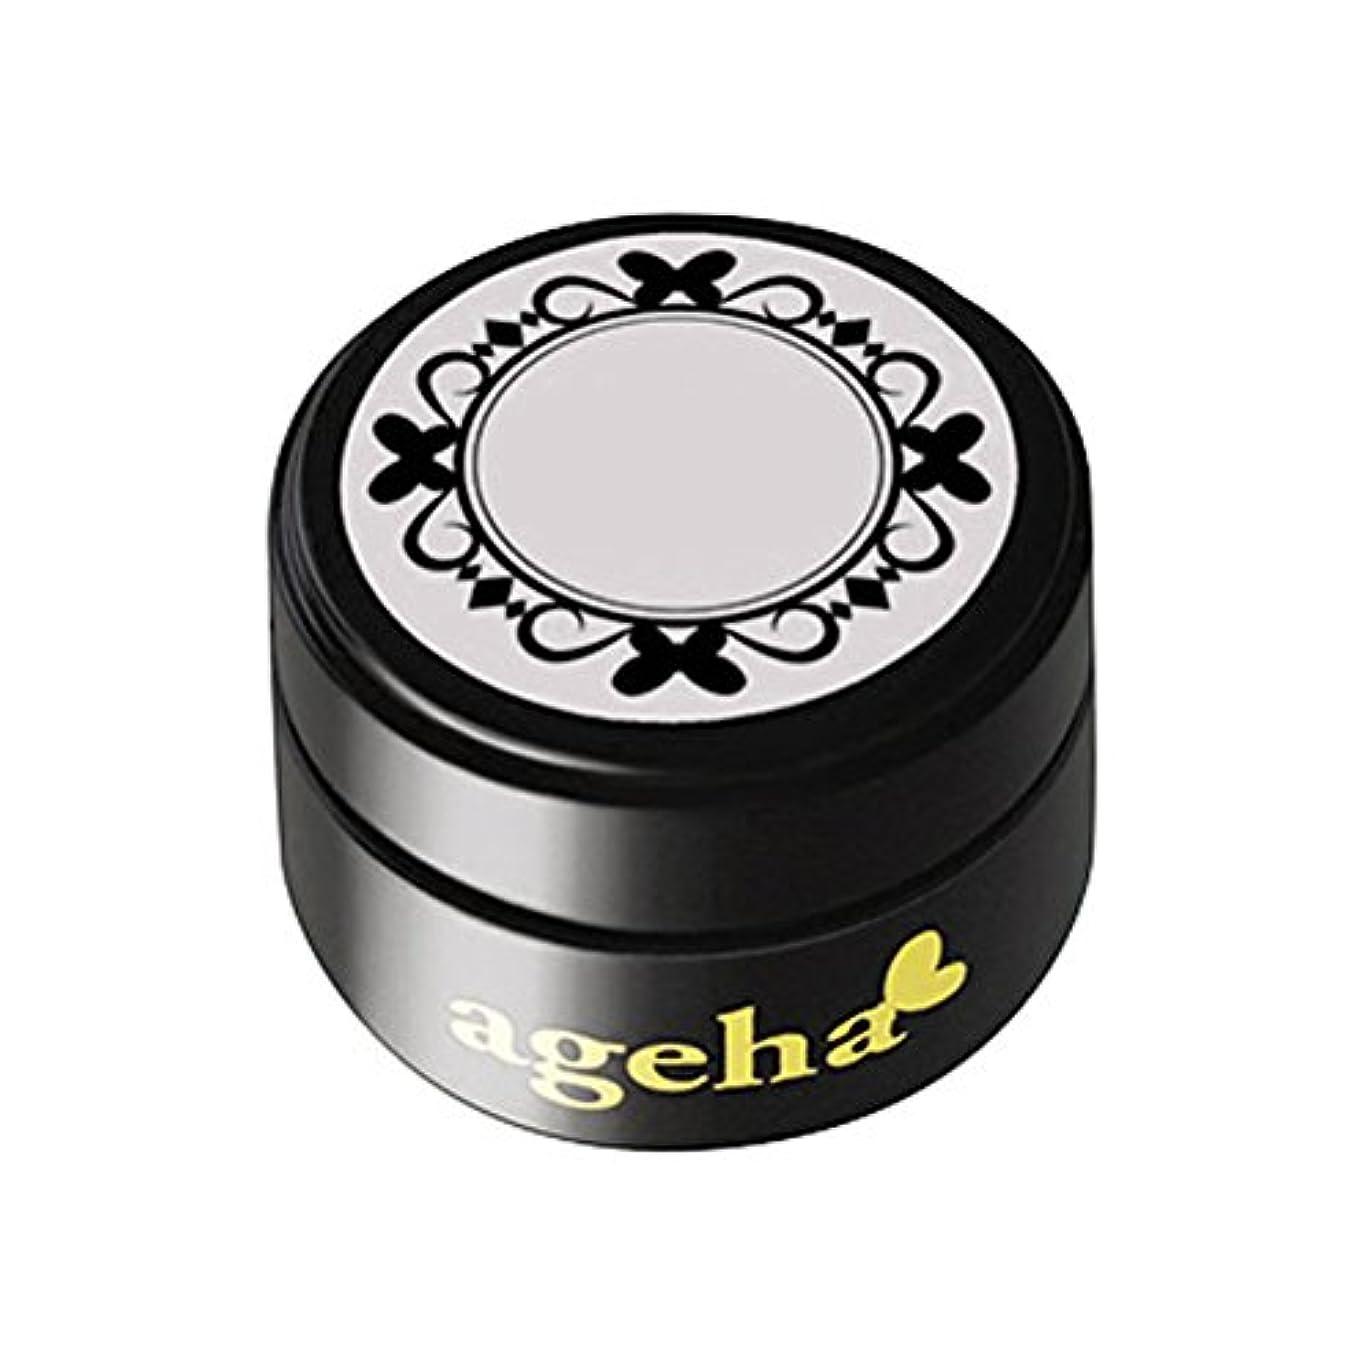 チャンバージョセフバンクス歯科のageha gel カラージェル コスメカラー 214 ピンクフラッター 2.7g UV/LED対応